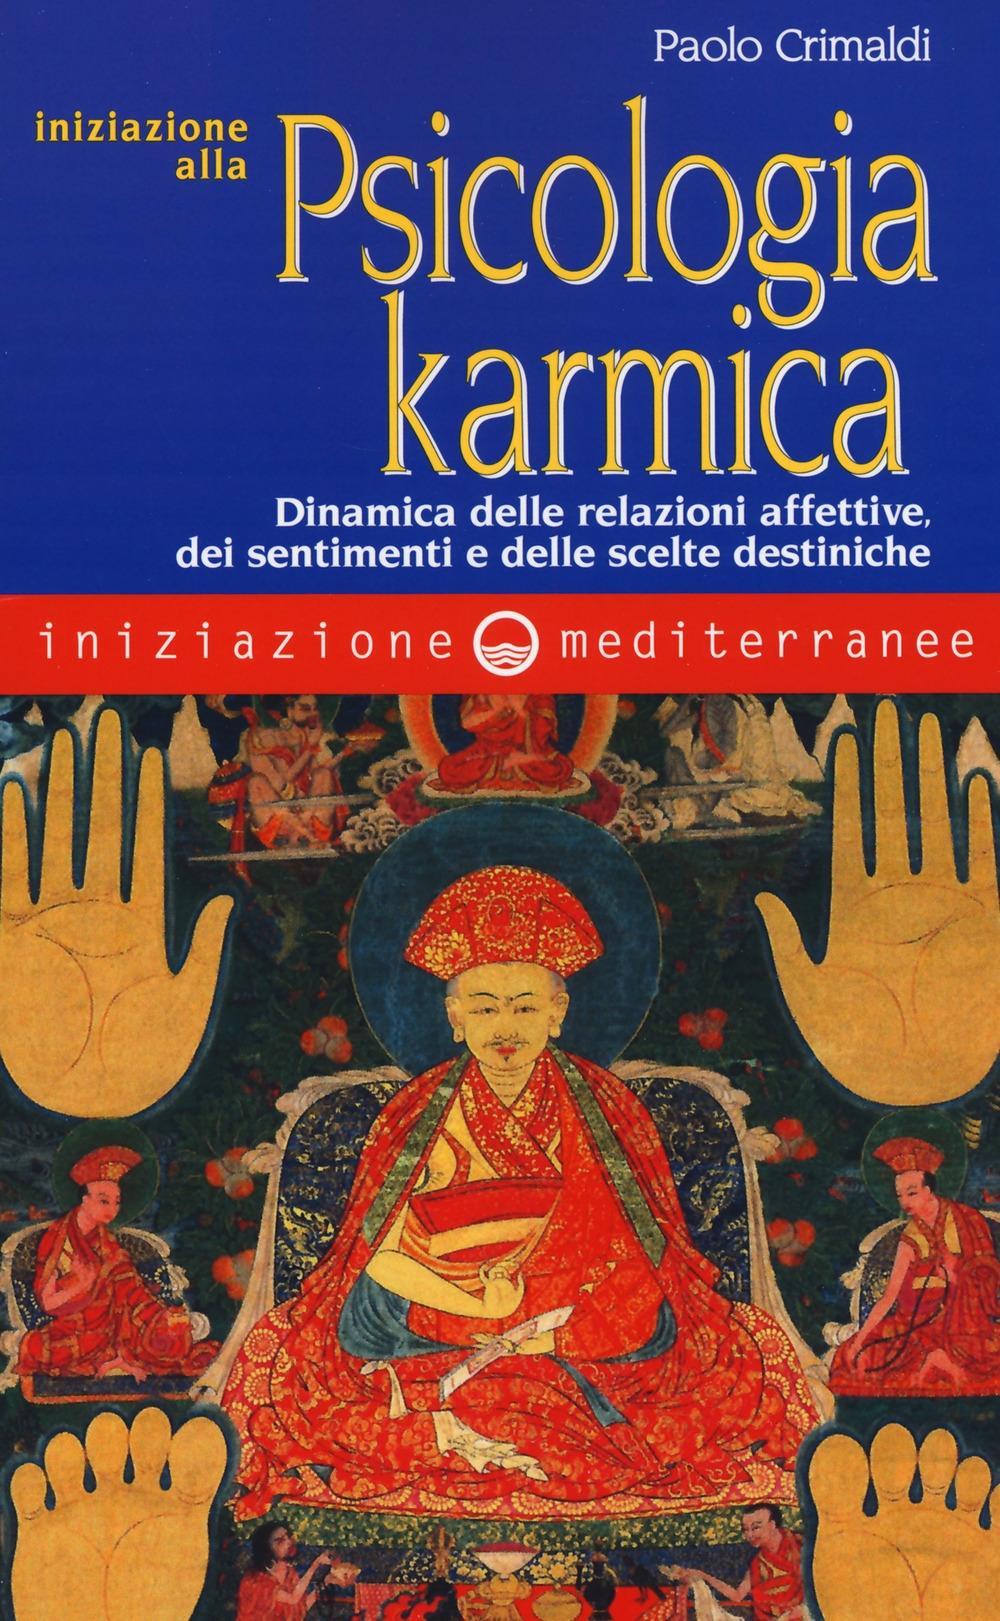 Iniziazione alla psicologia karmica. Dinamica delle relazioni affettive dei sentimenti e delle scelte destiniche